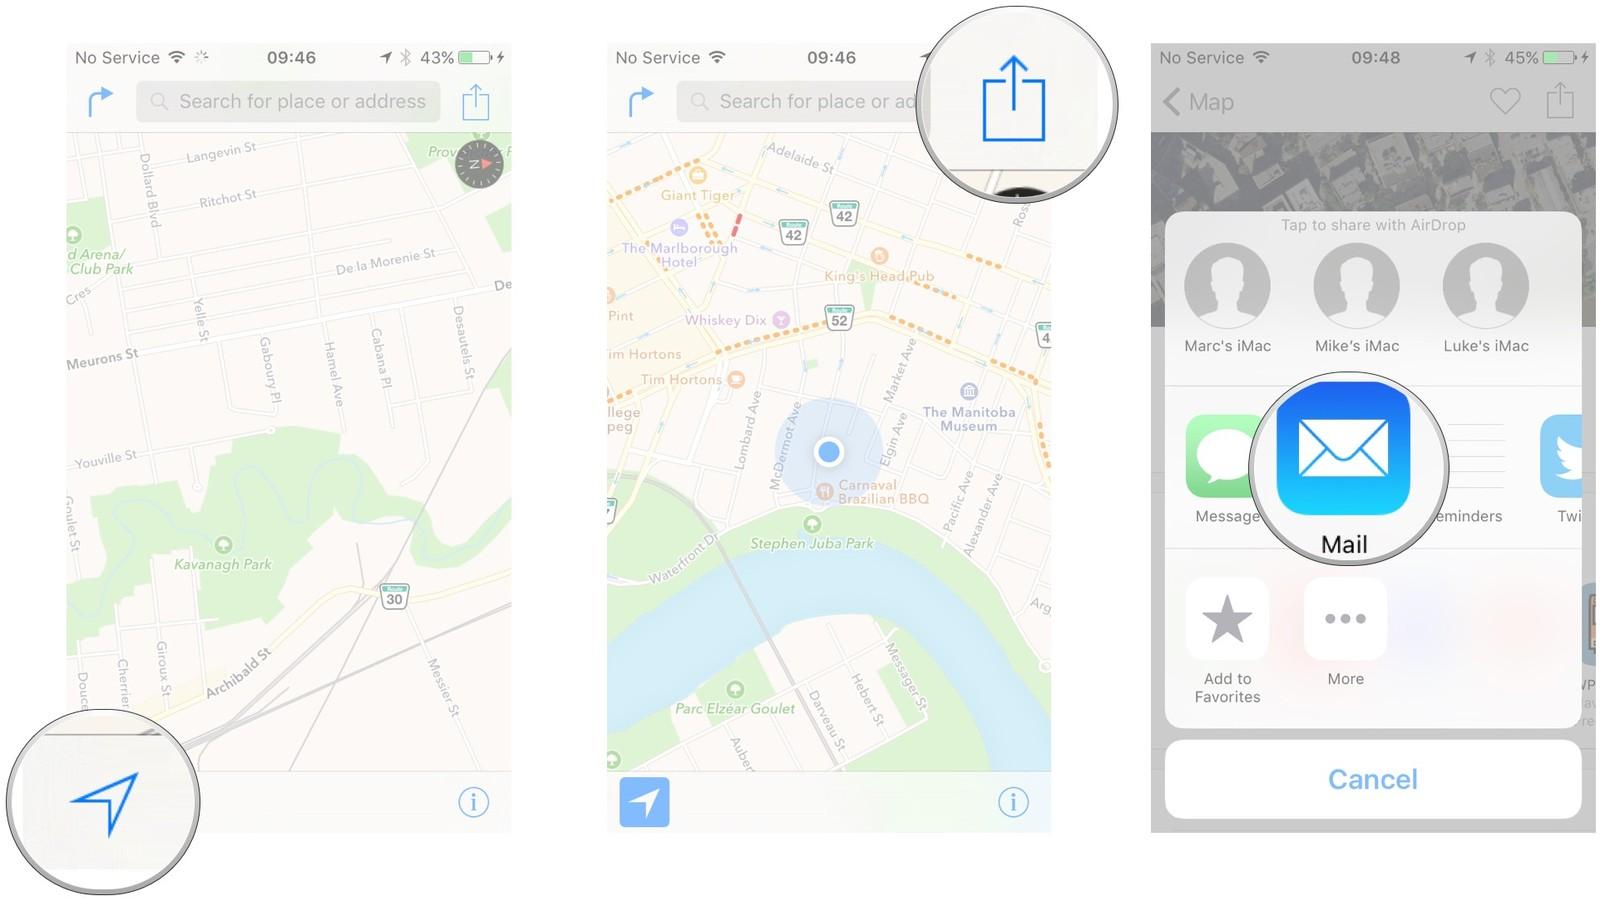 Как пользоваться Картами на iPhone и iPad - Отправить свое местоположение